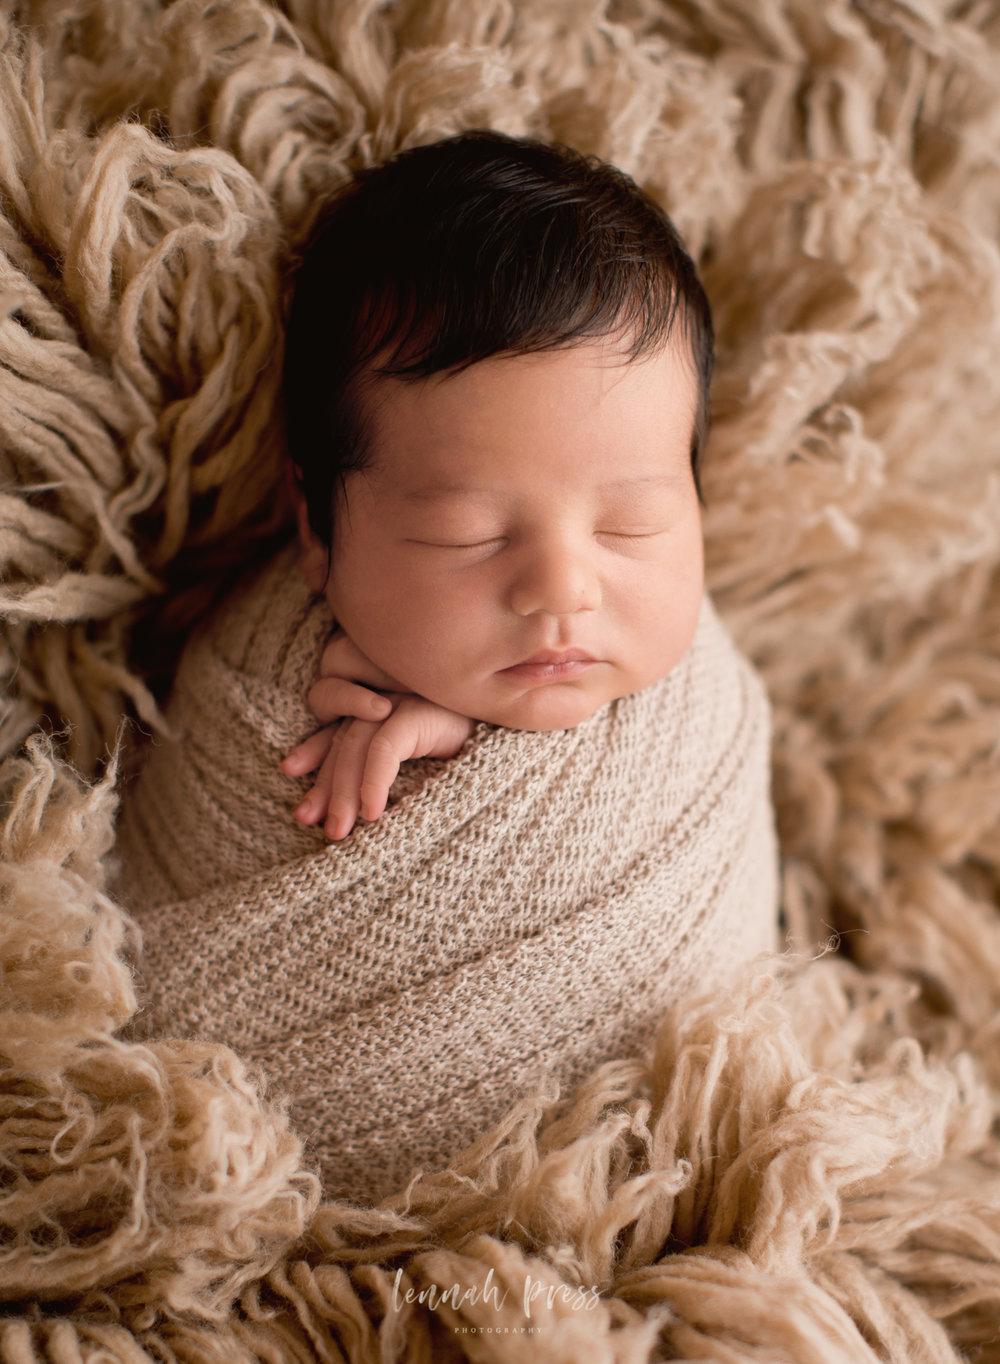 Newborn Henry_Web-6.jpg